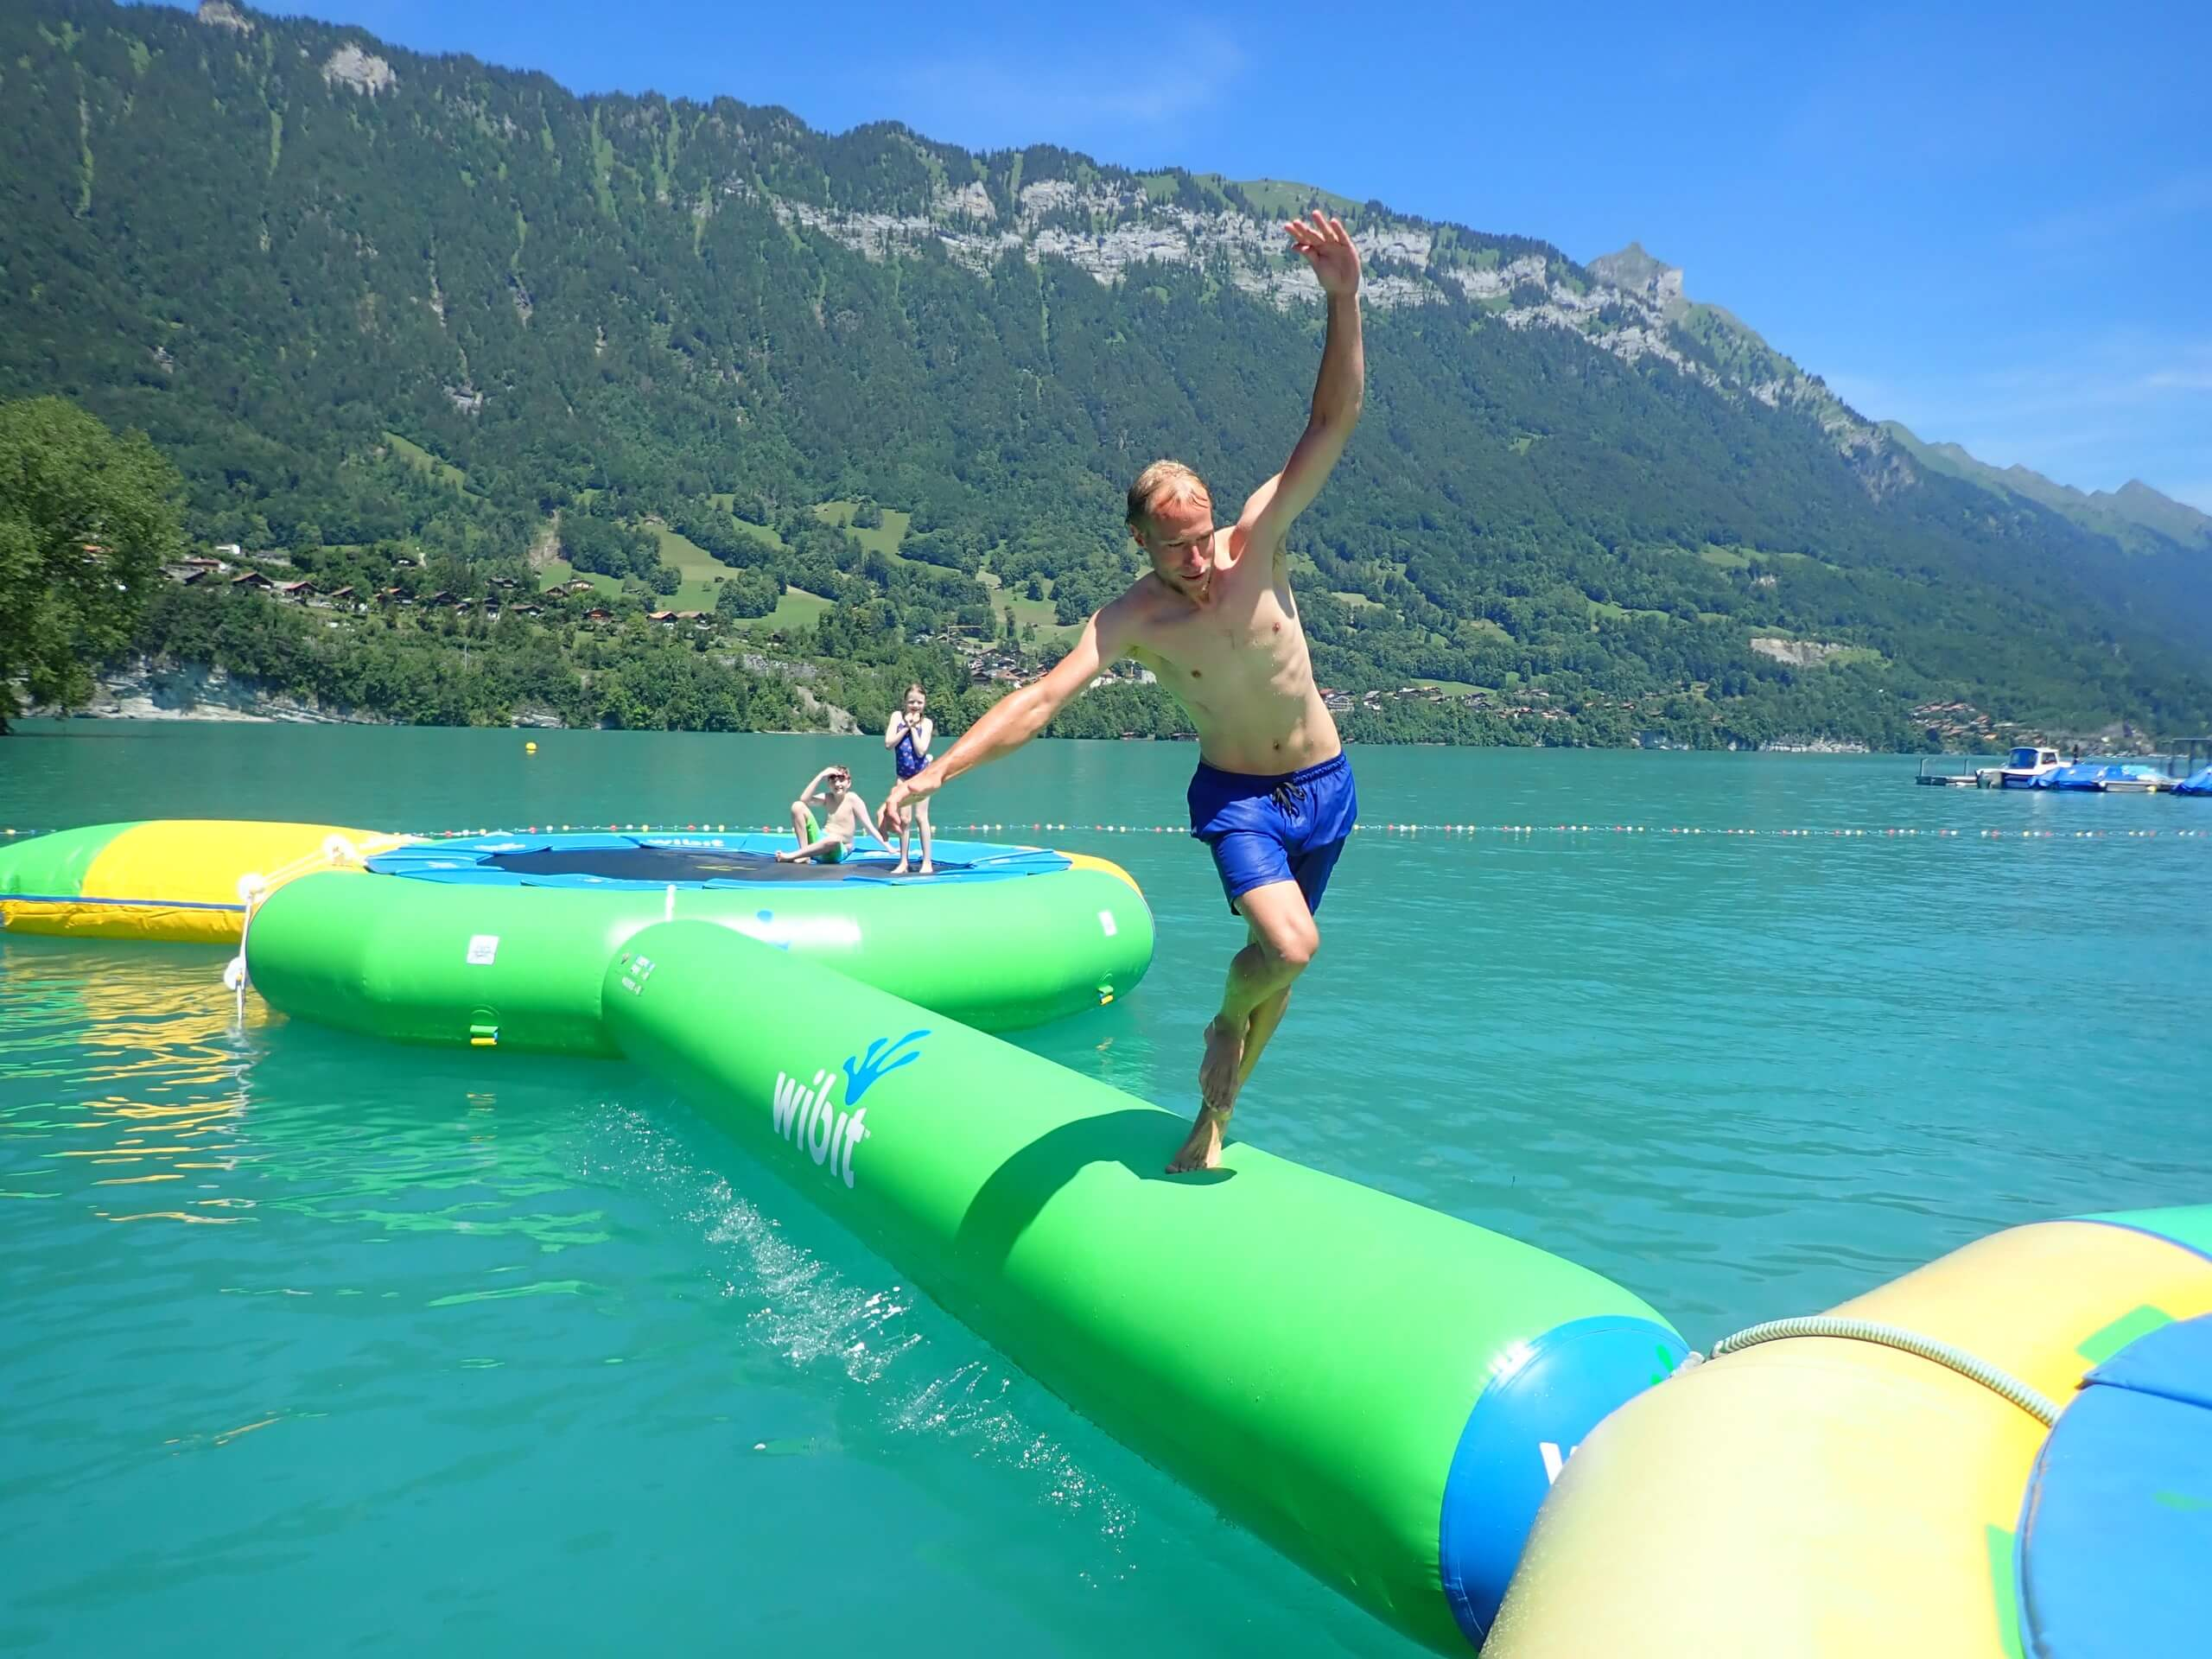 boenigen-strandbad-sommer-wassertrampolin-spass-action